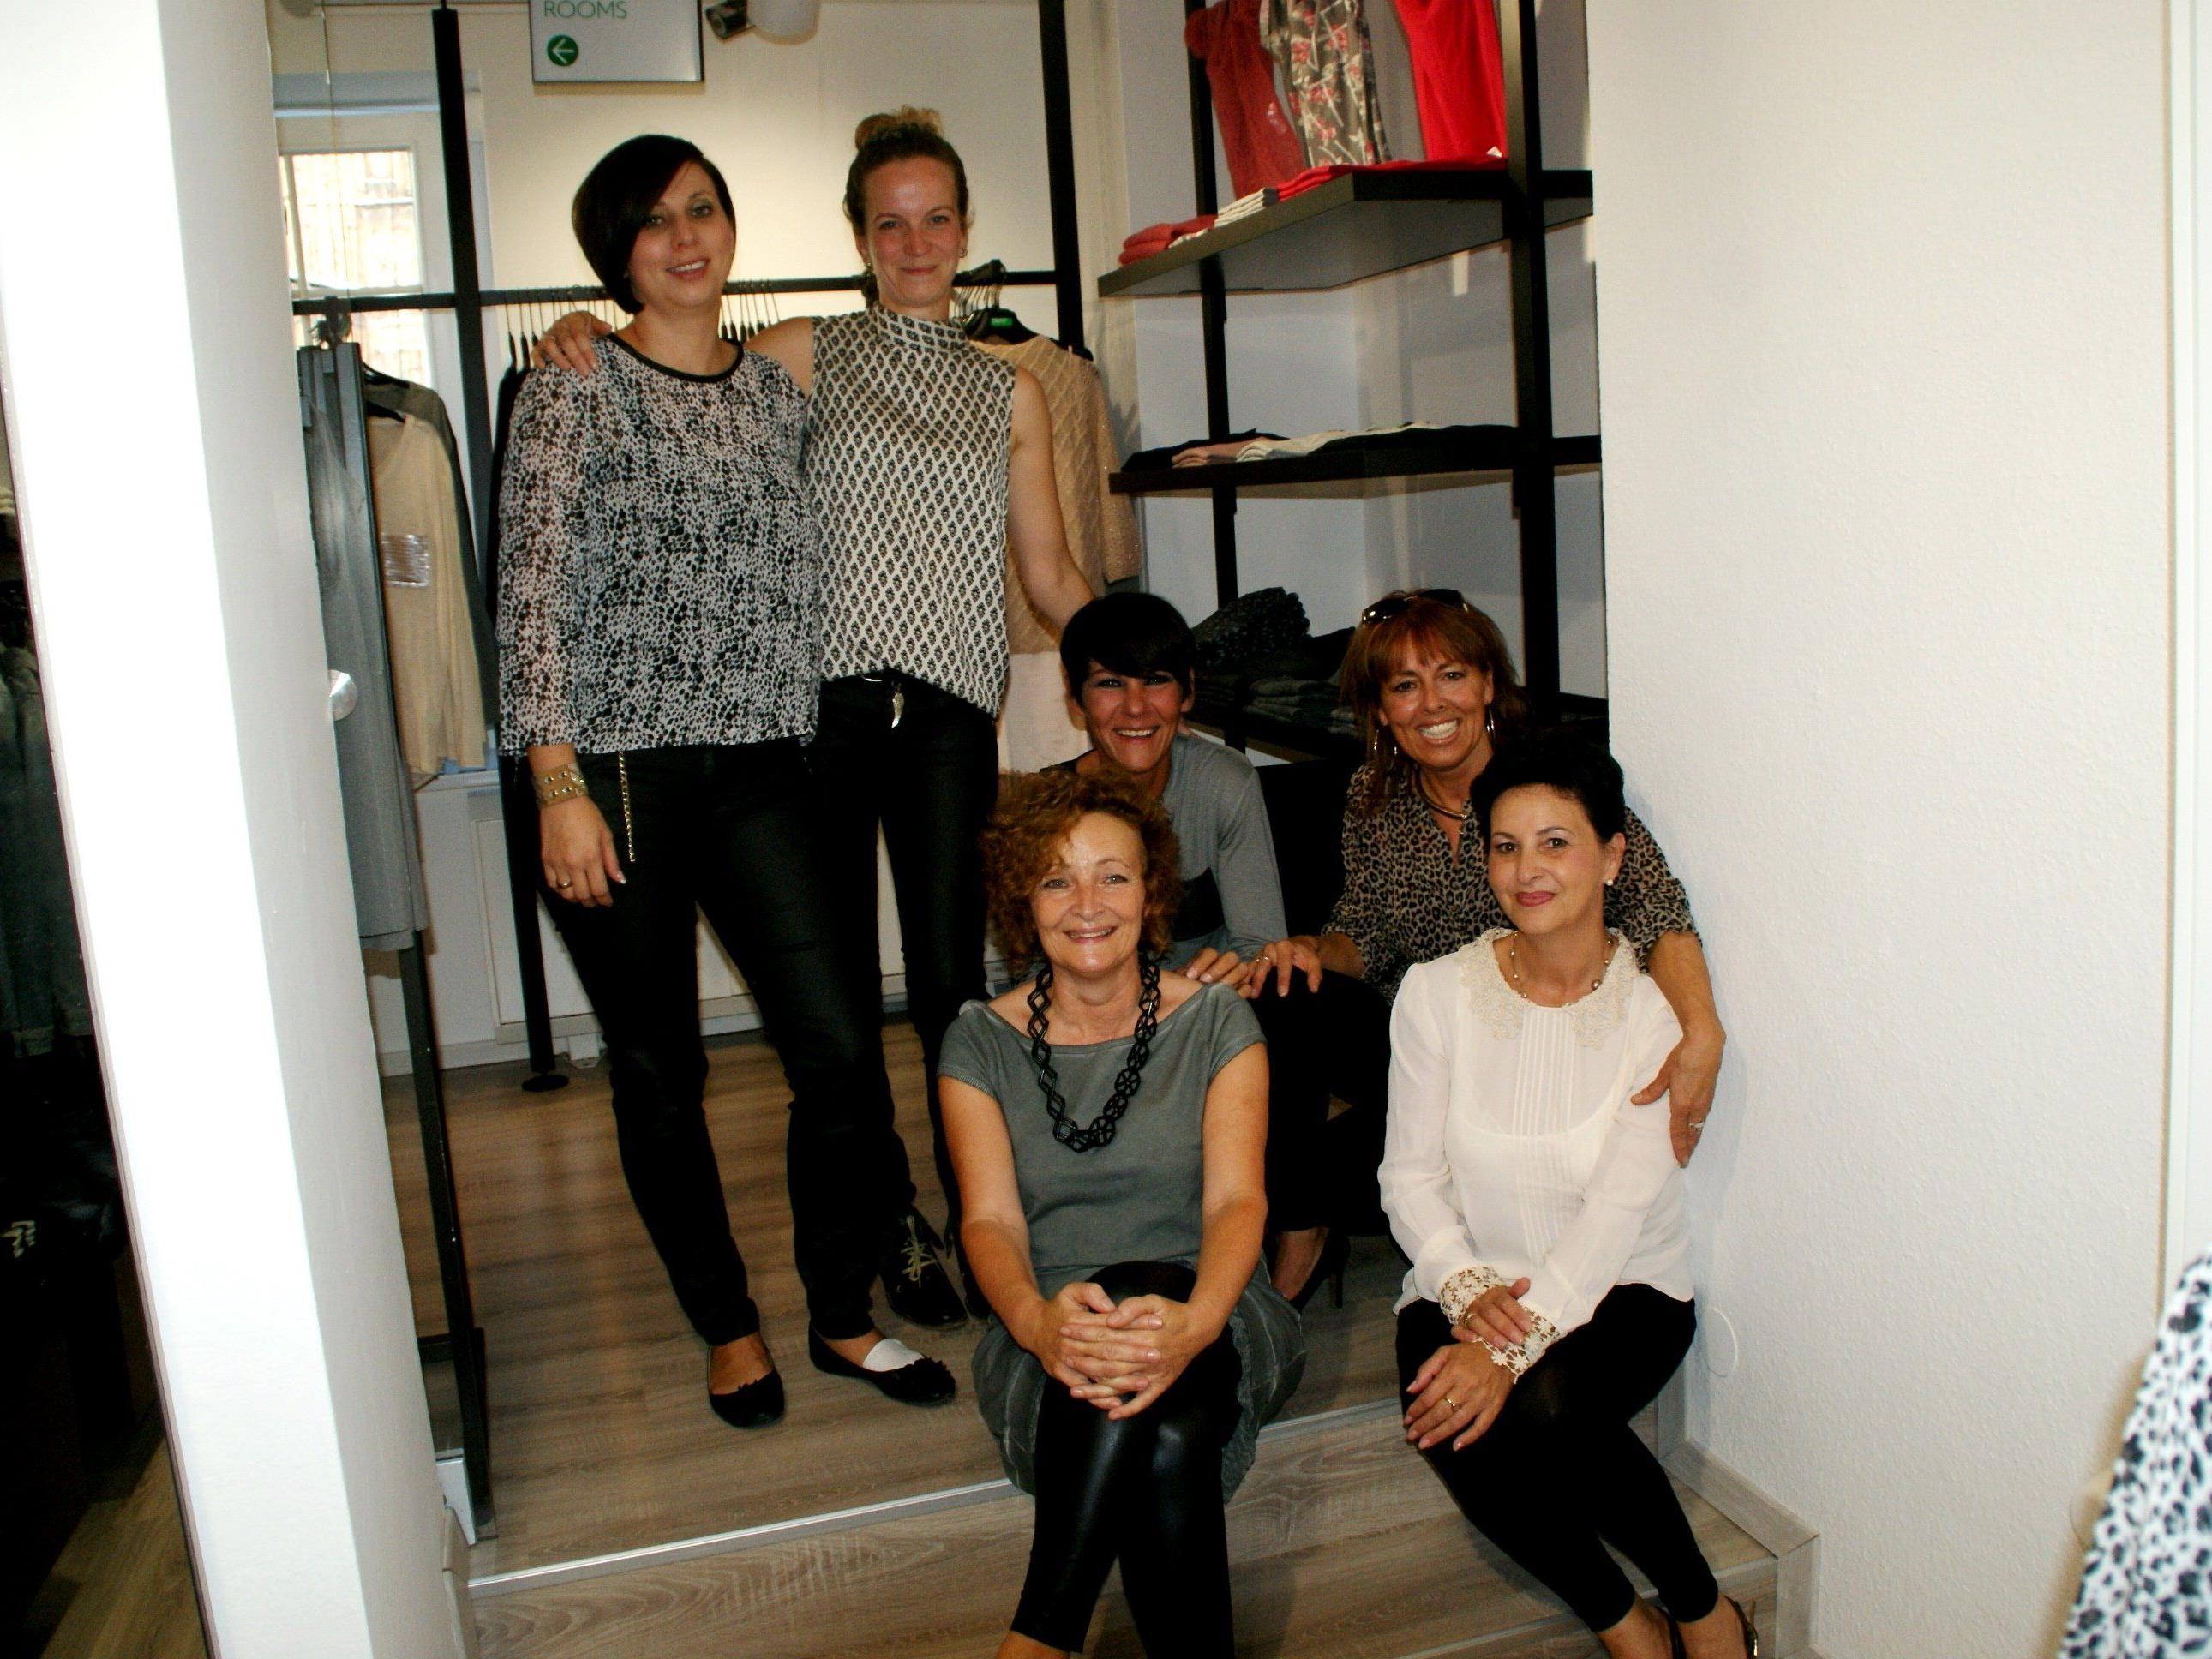 Margit, Carmen, Nina, Franka, karin, Heidi